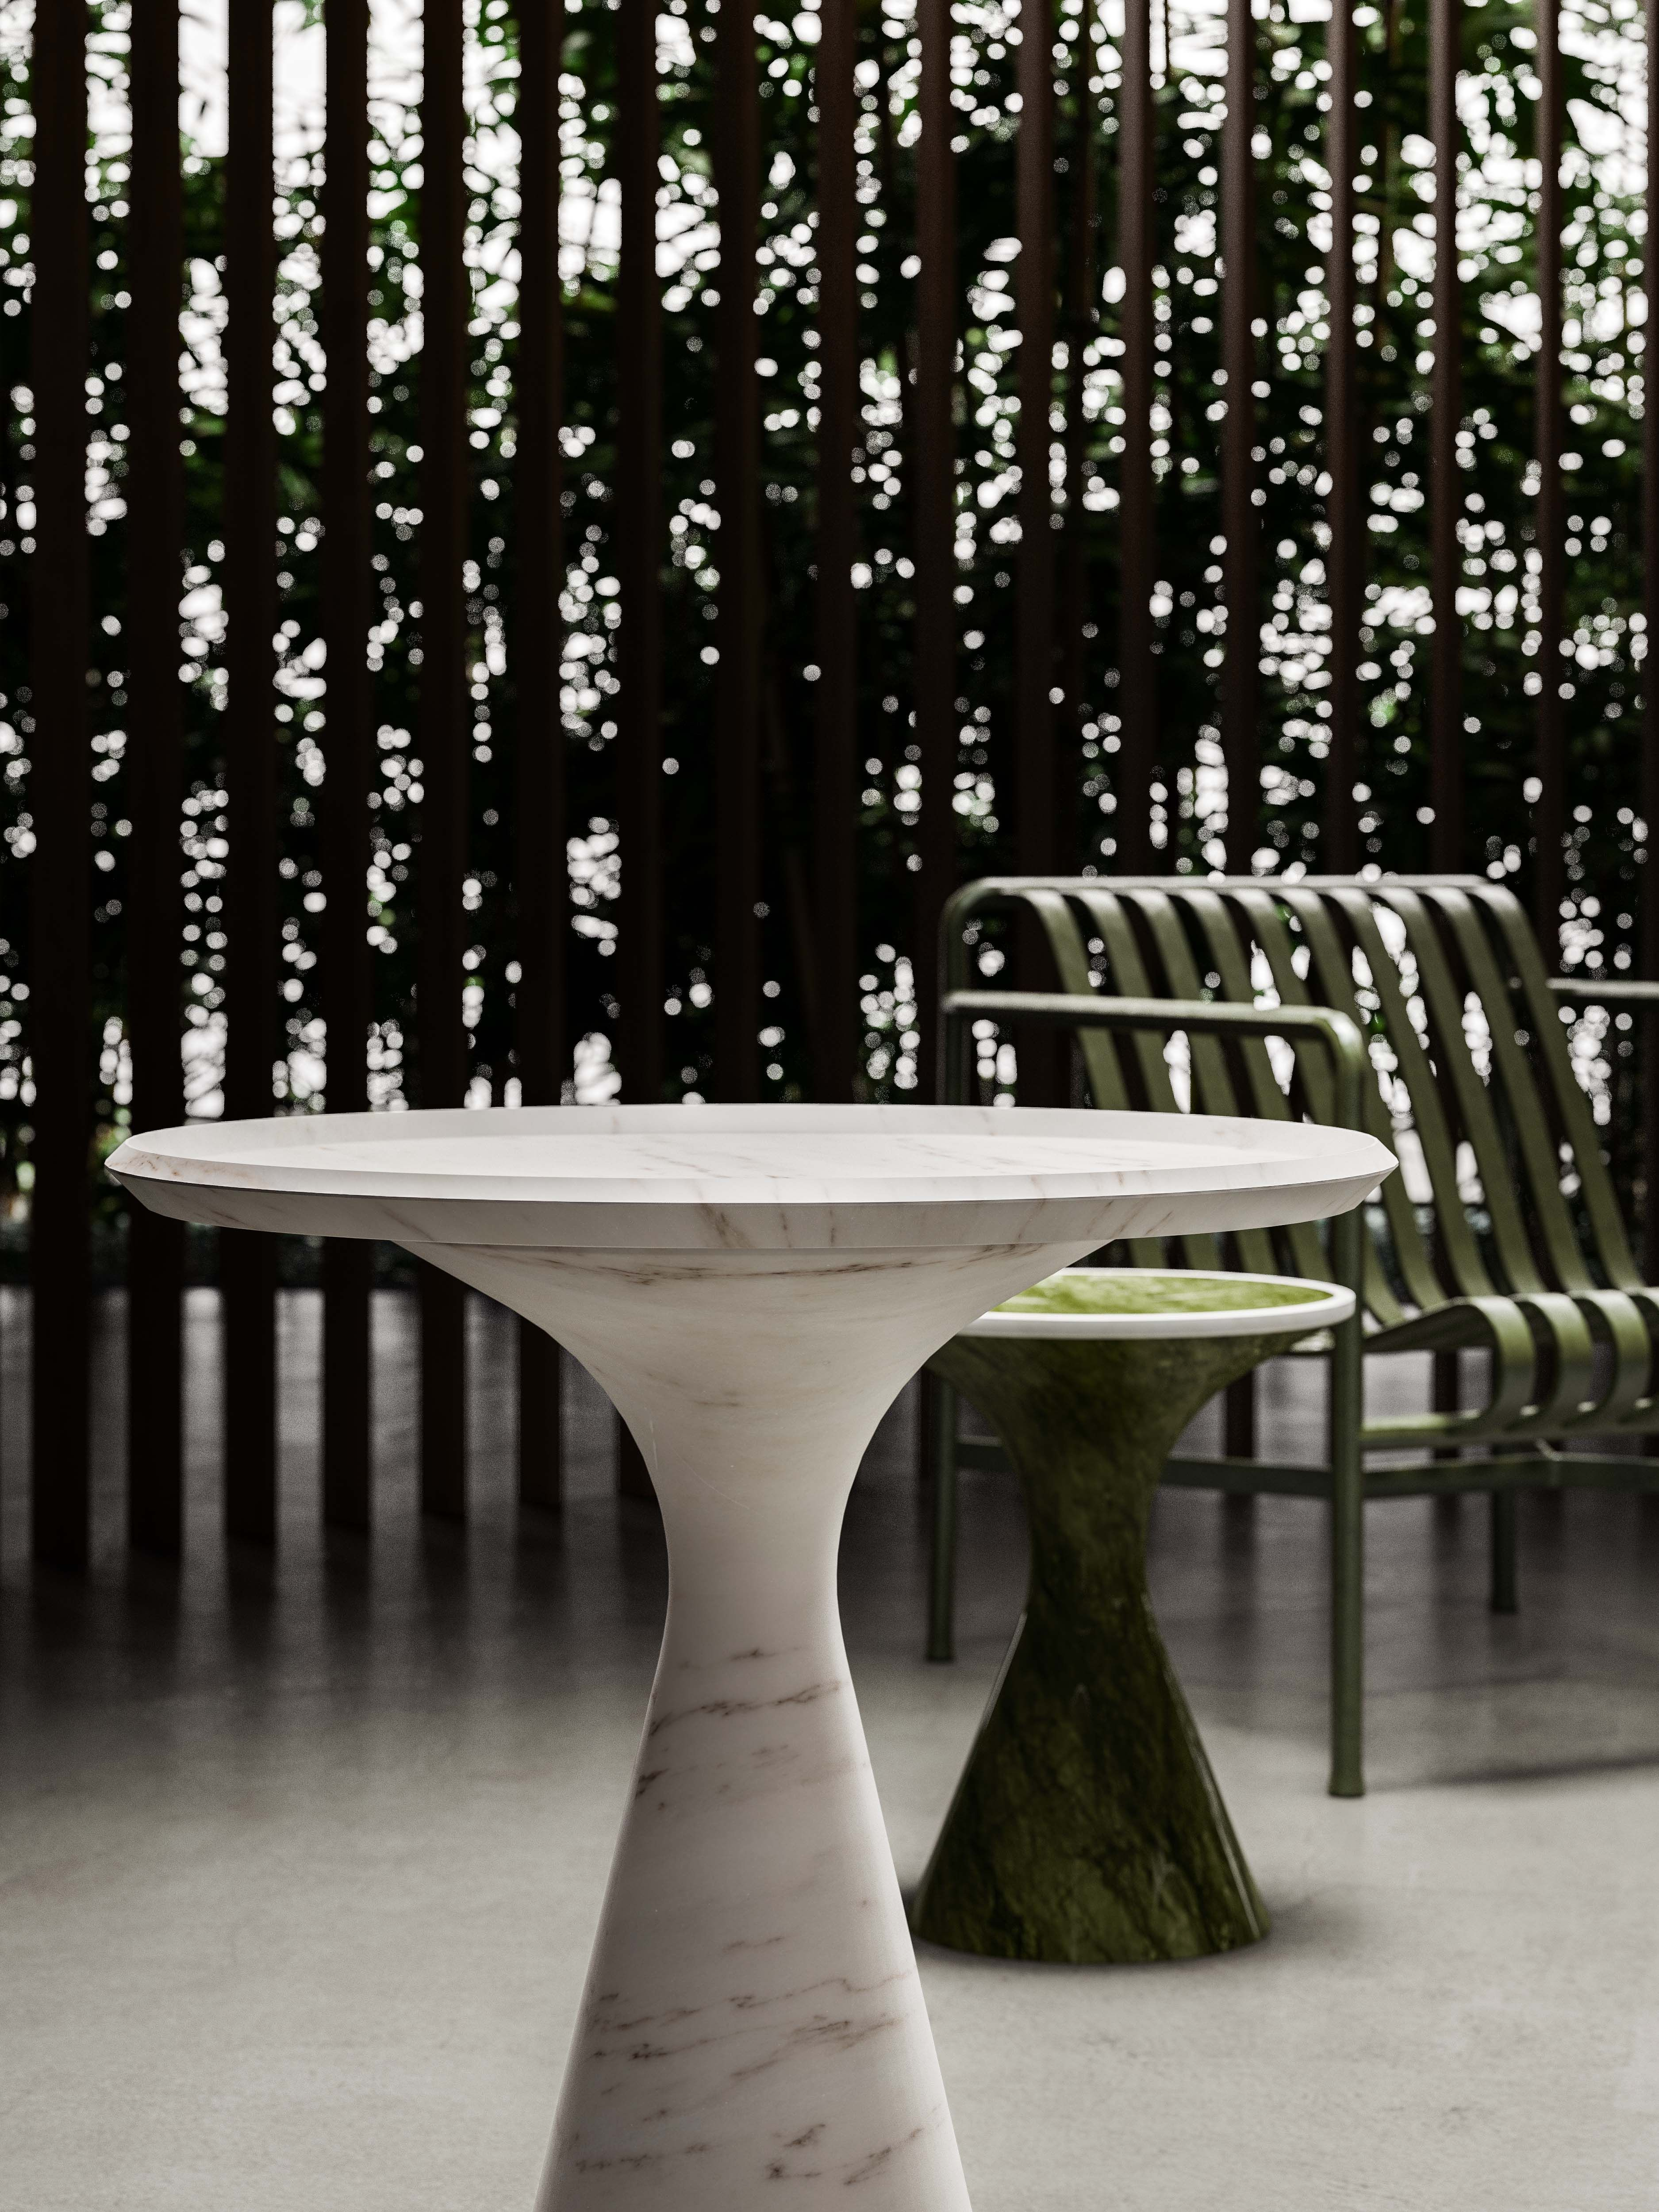 #marblestool  #stool #marbledesign